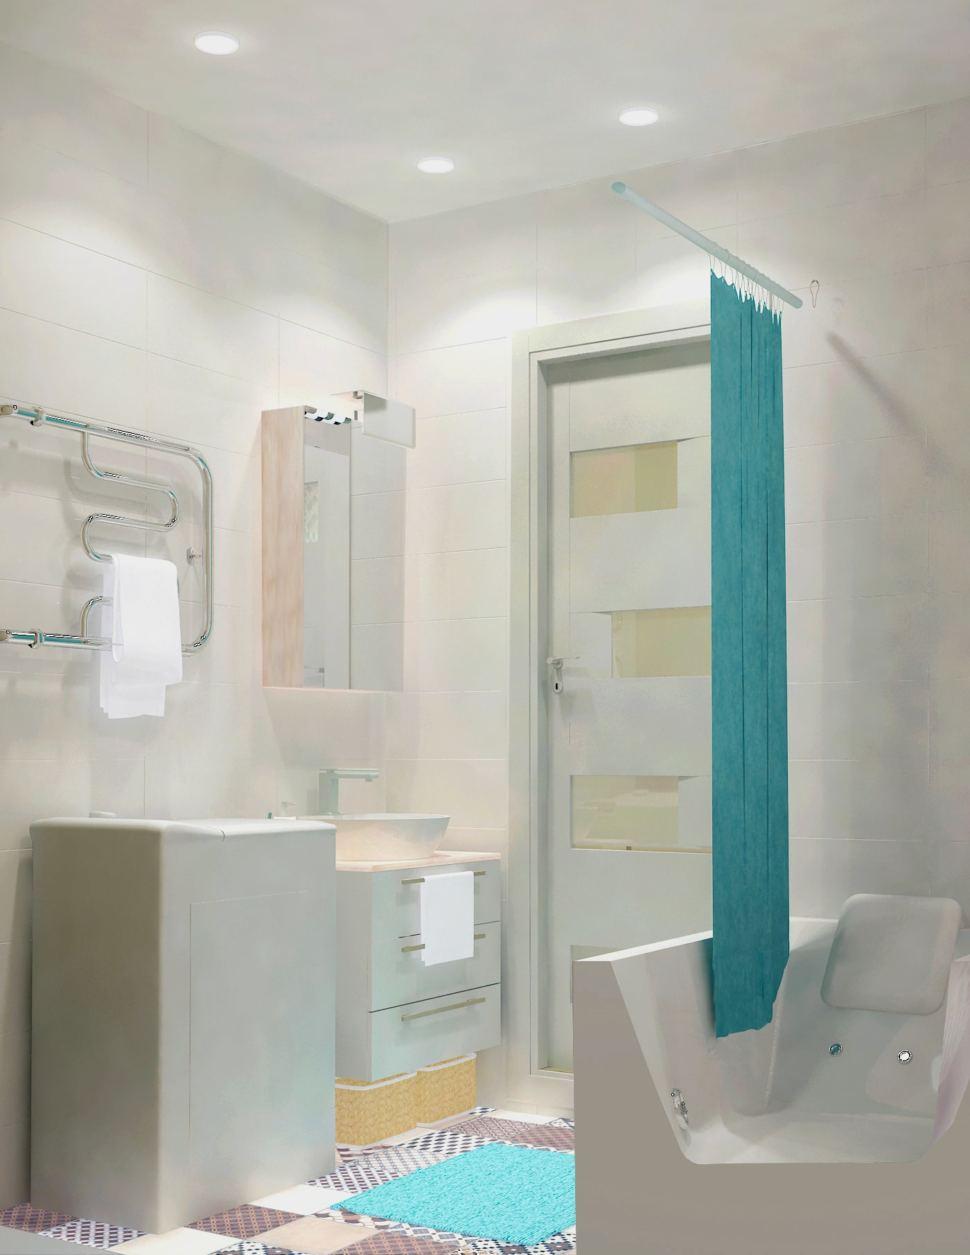 Визуализация ванной комнаты 3 кв.м. в светлых тонах, мойка, зеркальный шкаф, полотенцесушитель, стиральная машина